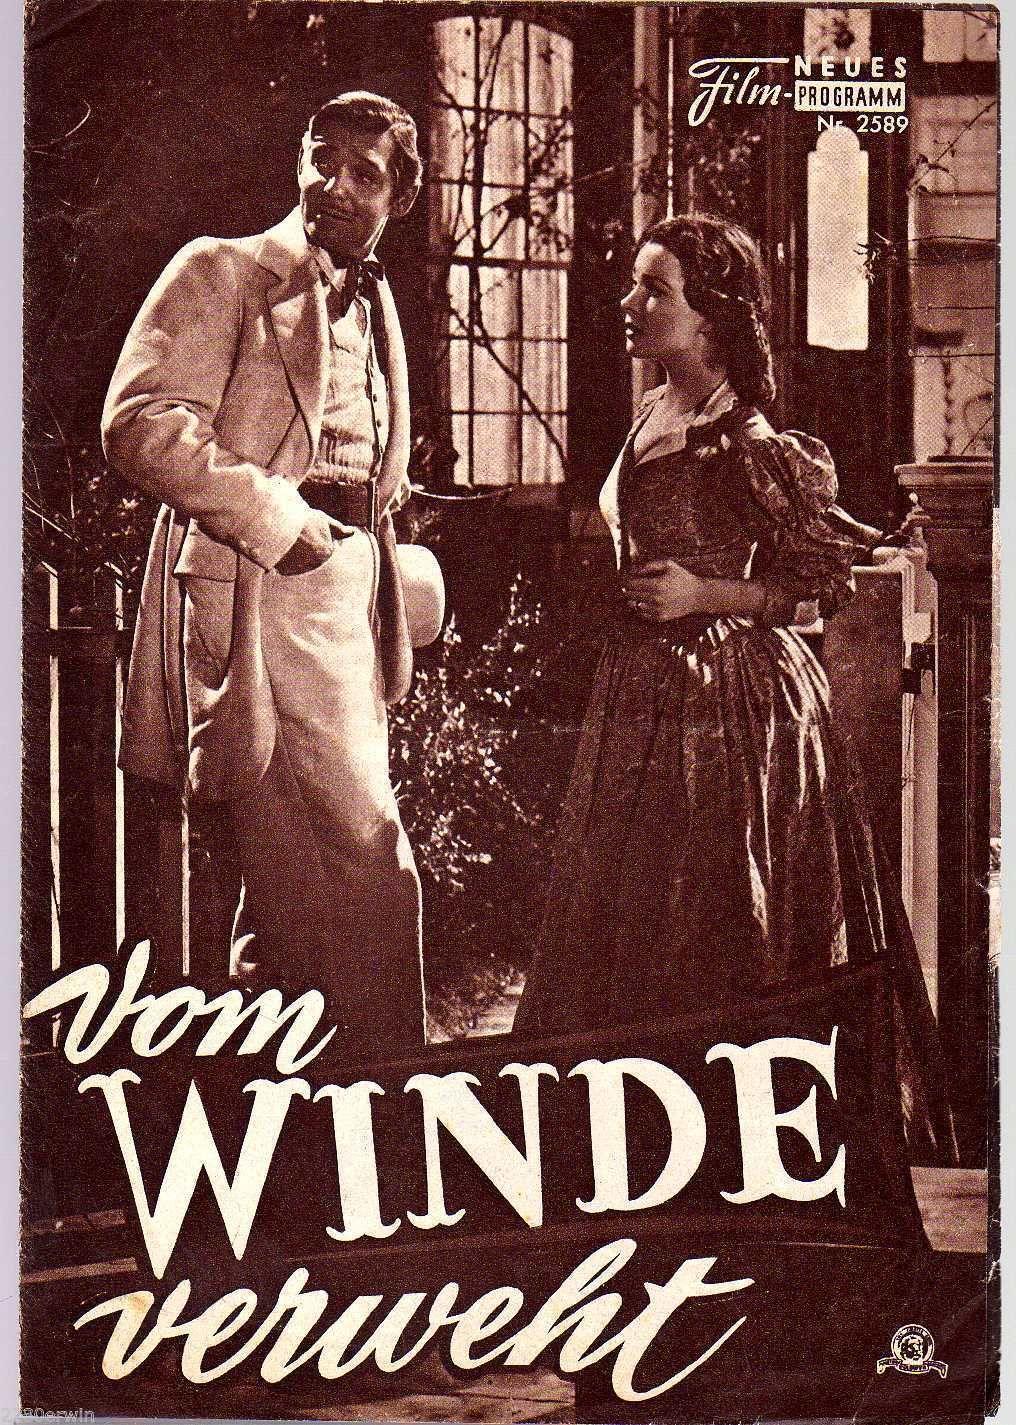 VOM WINDE VERWEHT / NFP 2589 Wien / Vivien Leigh, Clark Gable | eBay